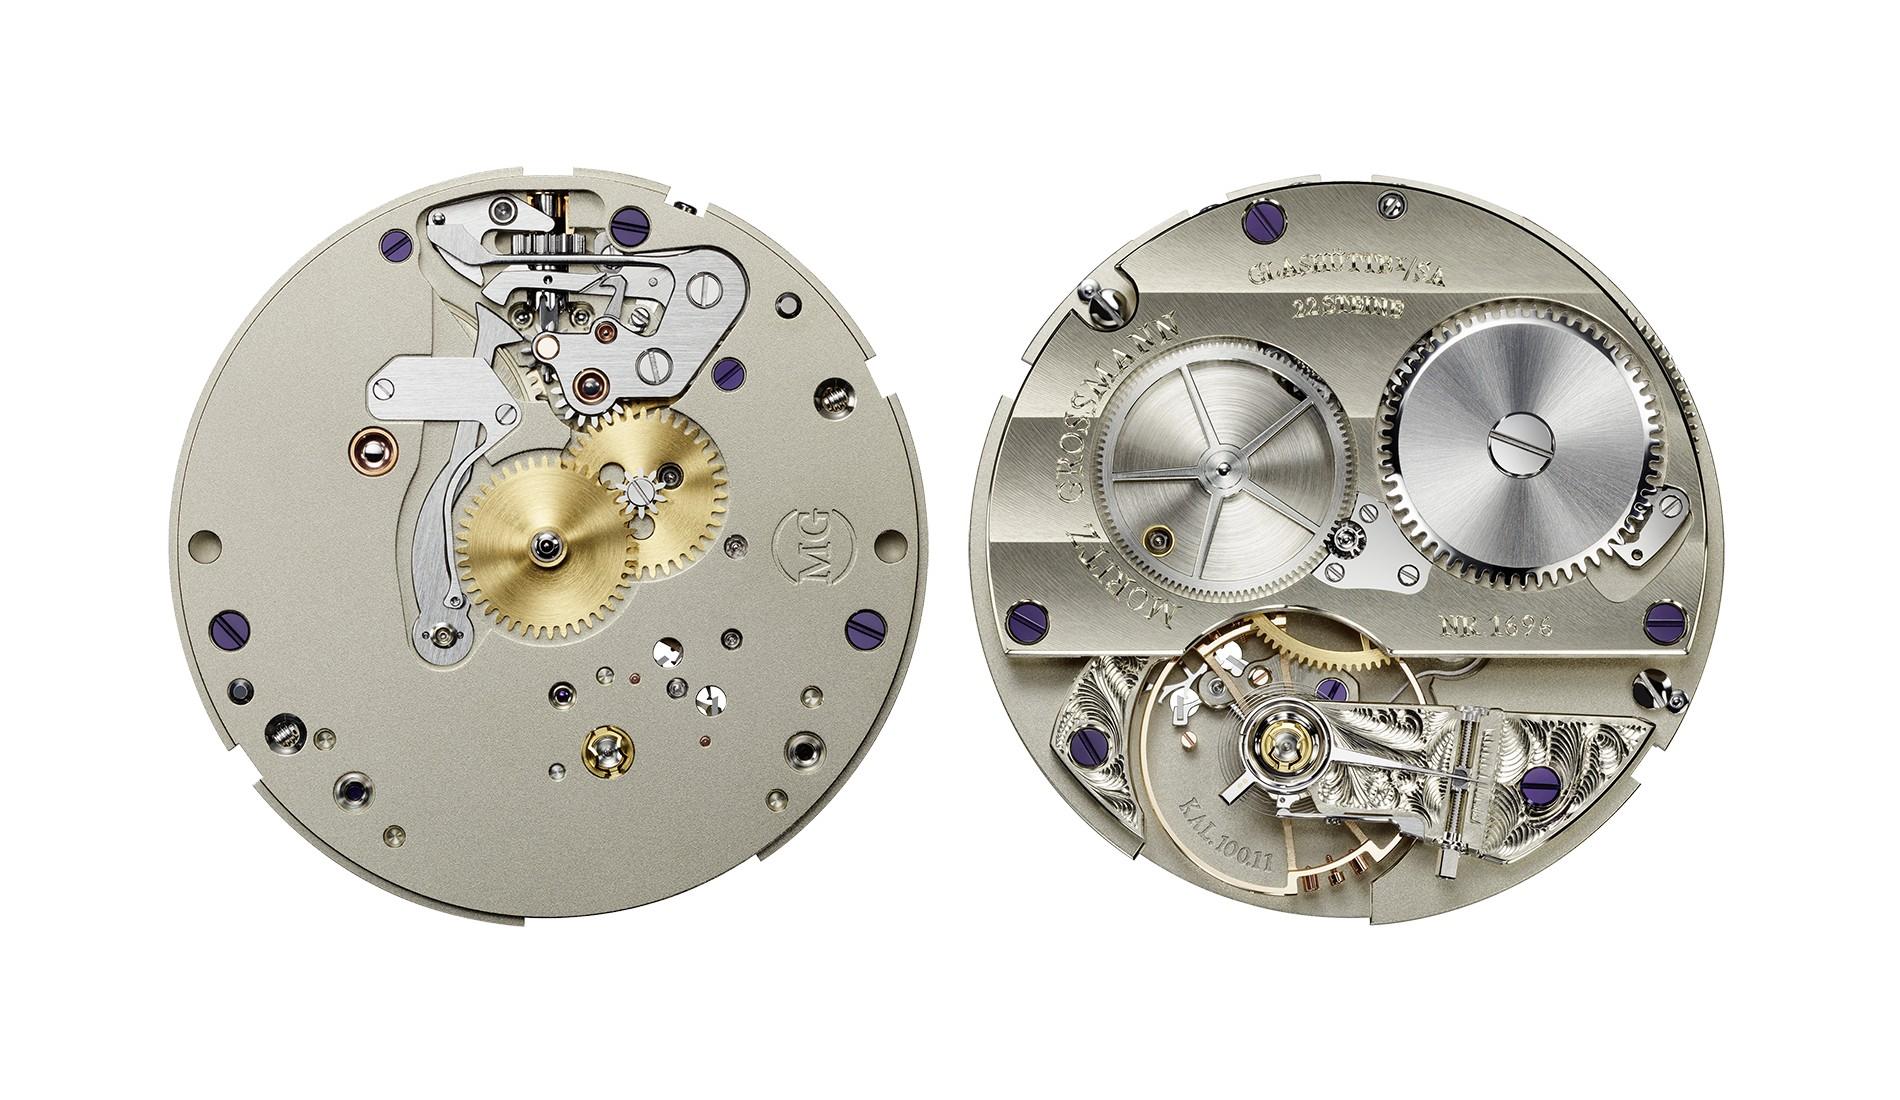 Moritz Grossmann Central Seconds - szerkezeti elemek alpakkából